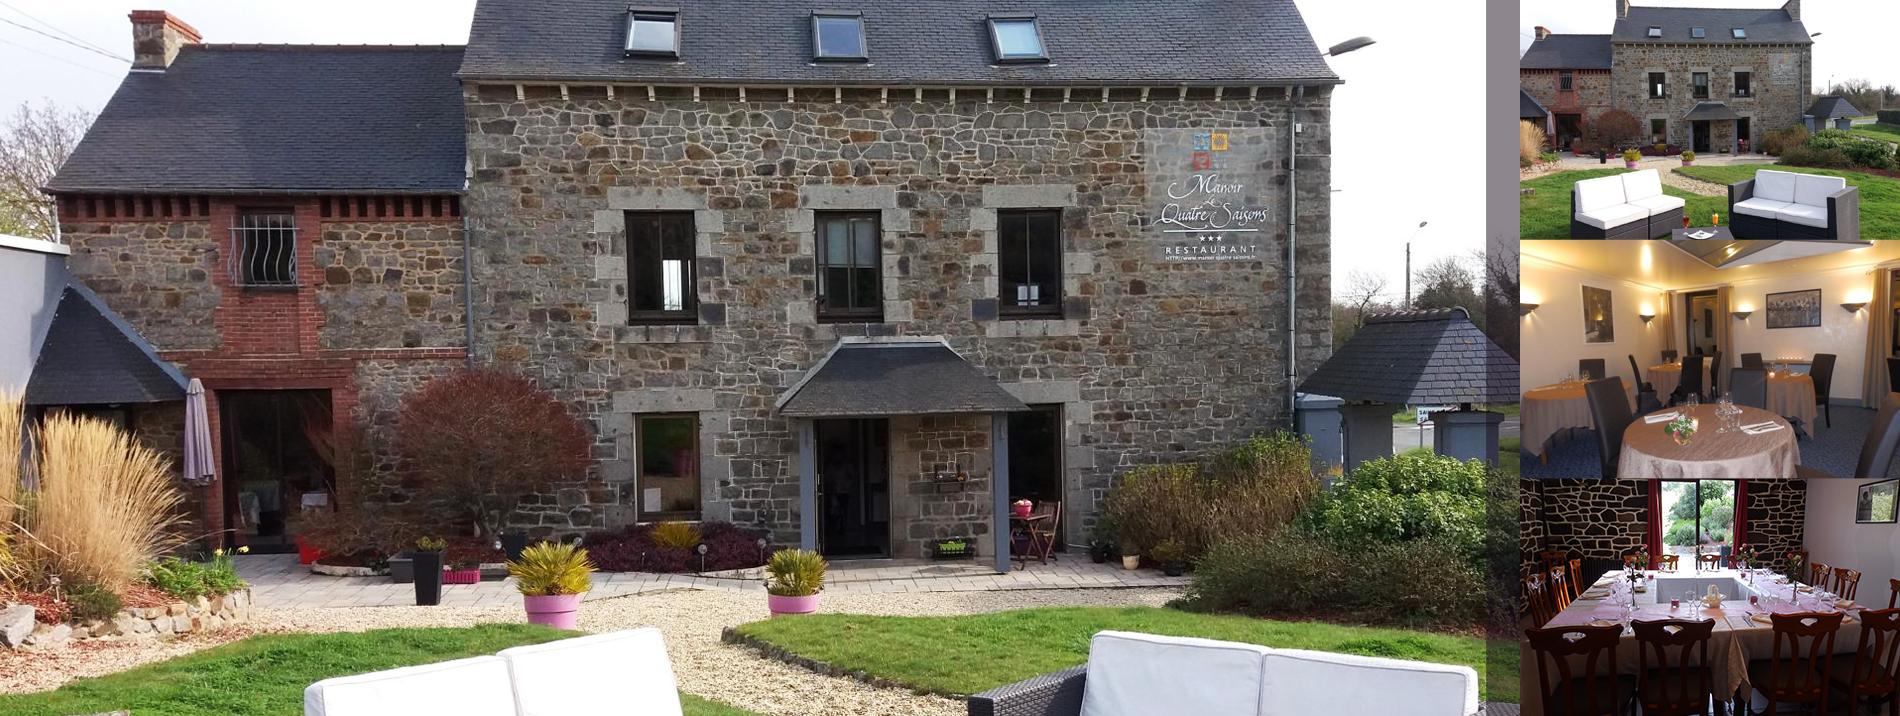 Restaurant Saint Brieuc Cesson